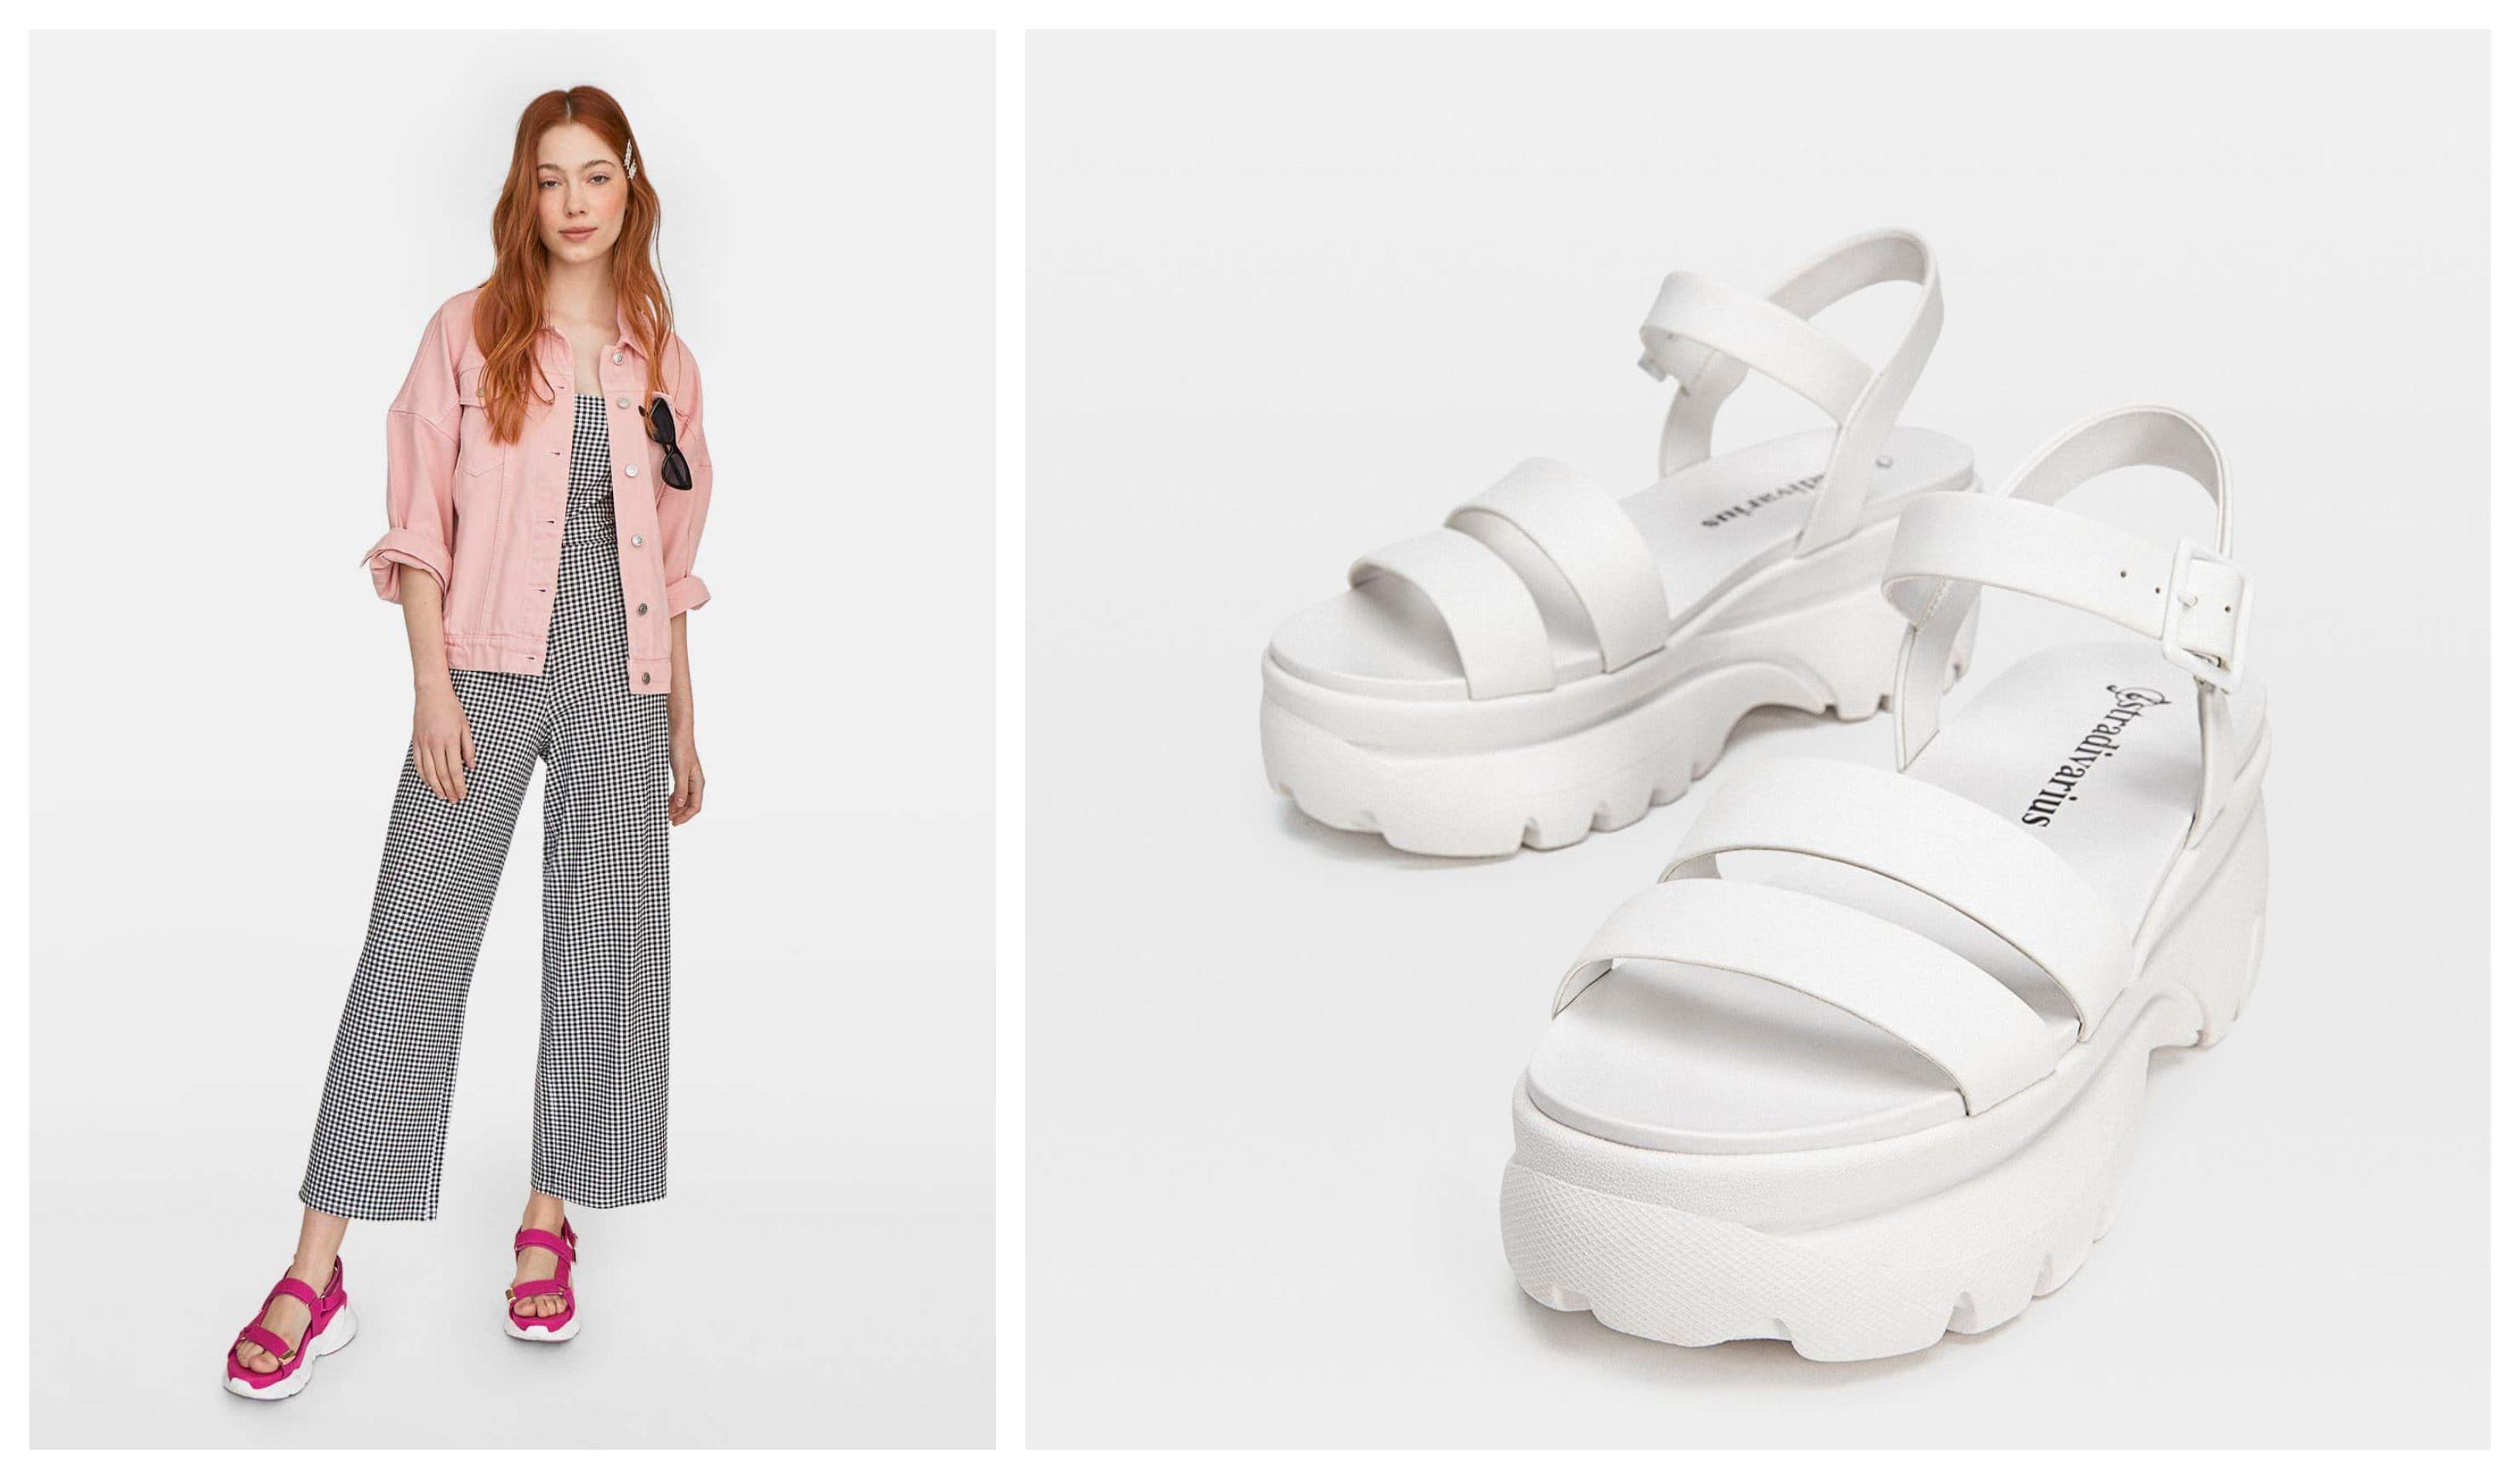 Bershka i Stradivarius predlažu novi trend: Biste li nosili ove sandale-tenisice?